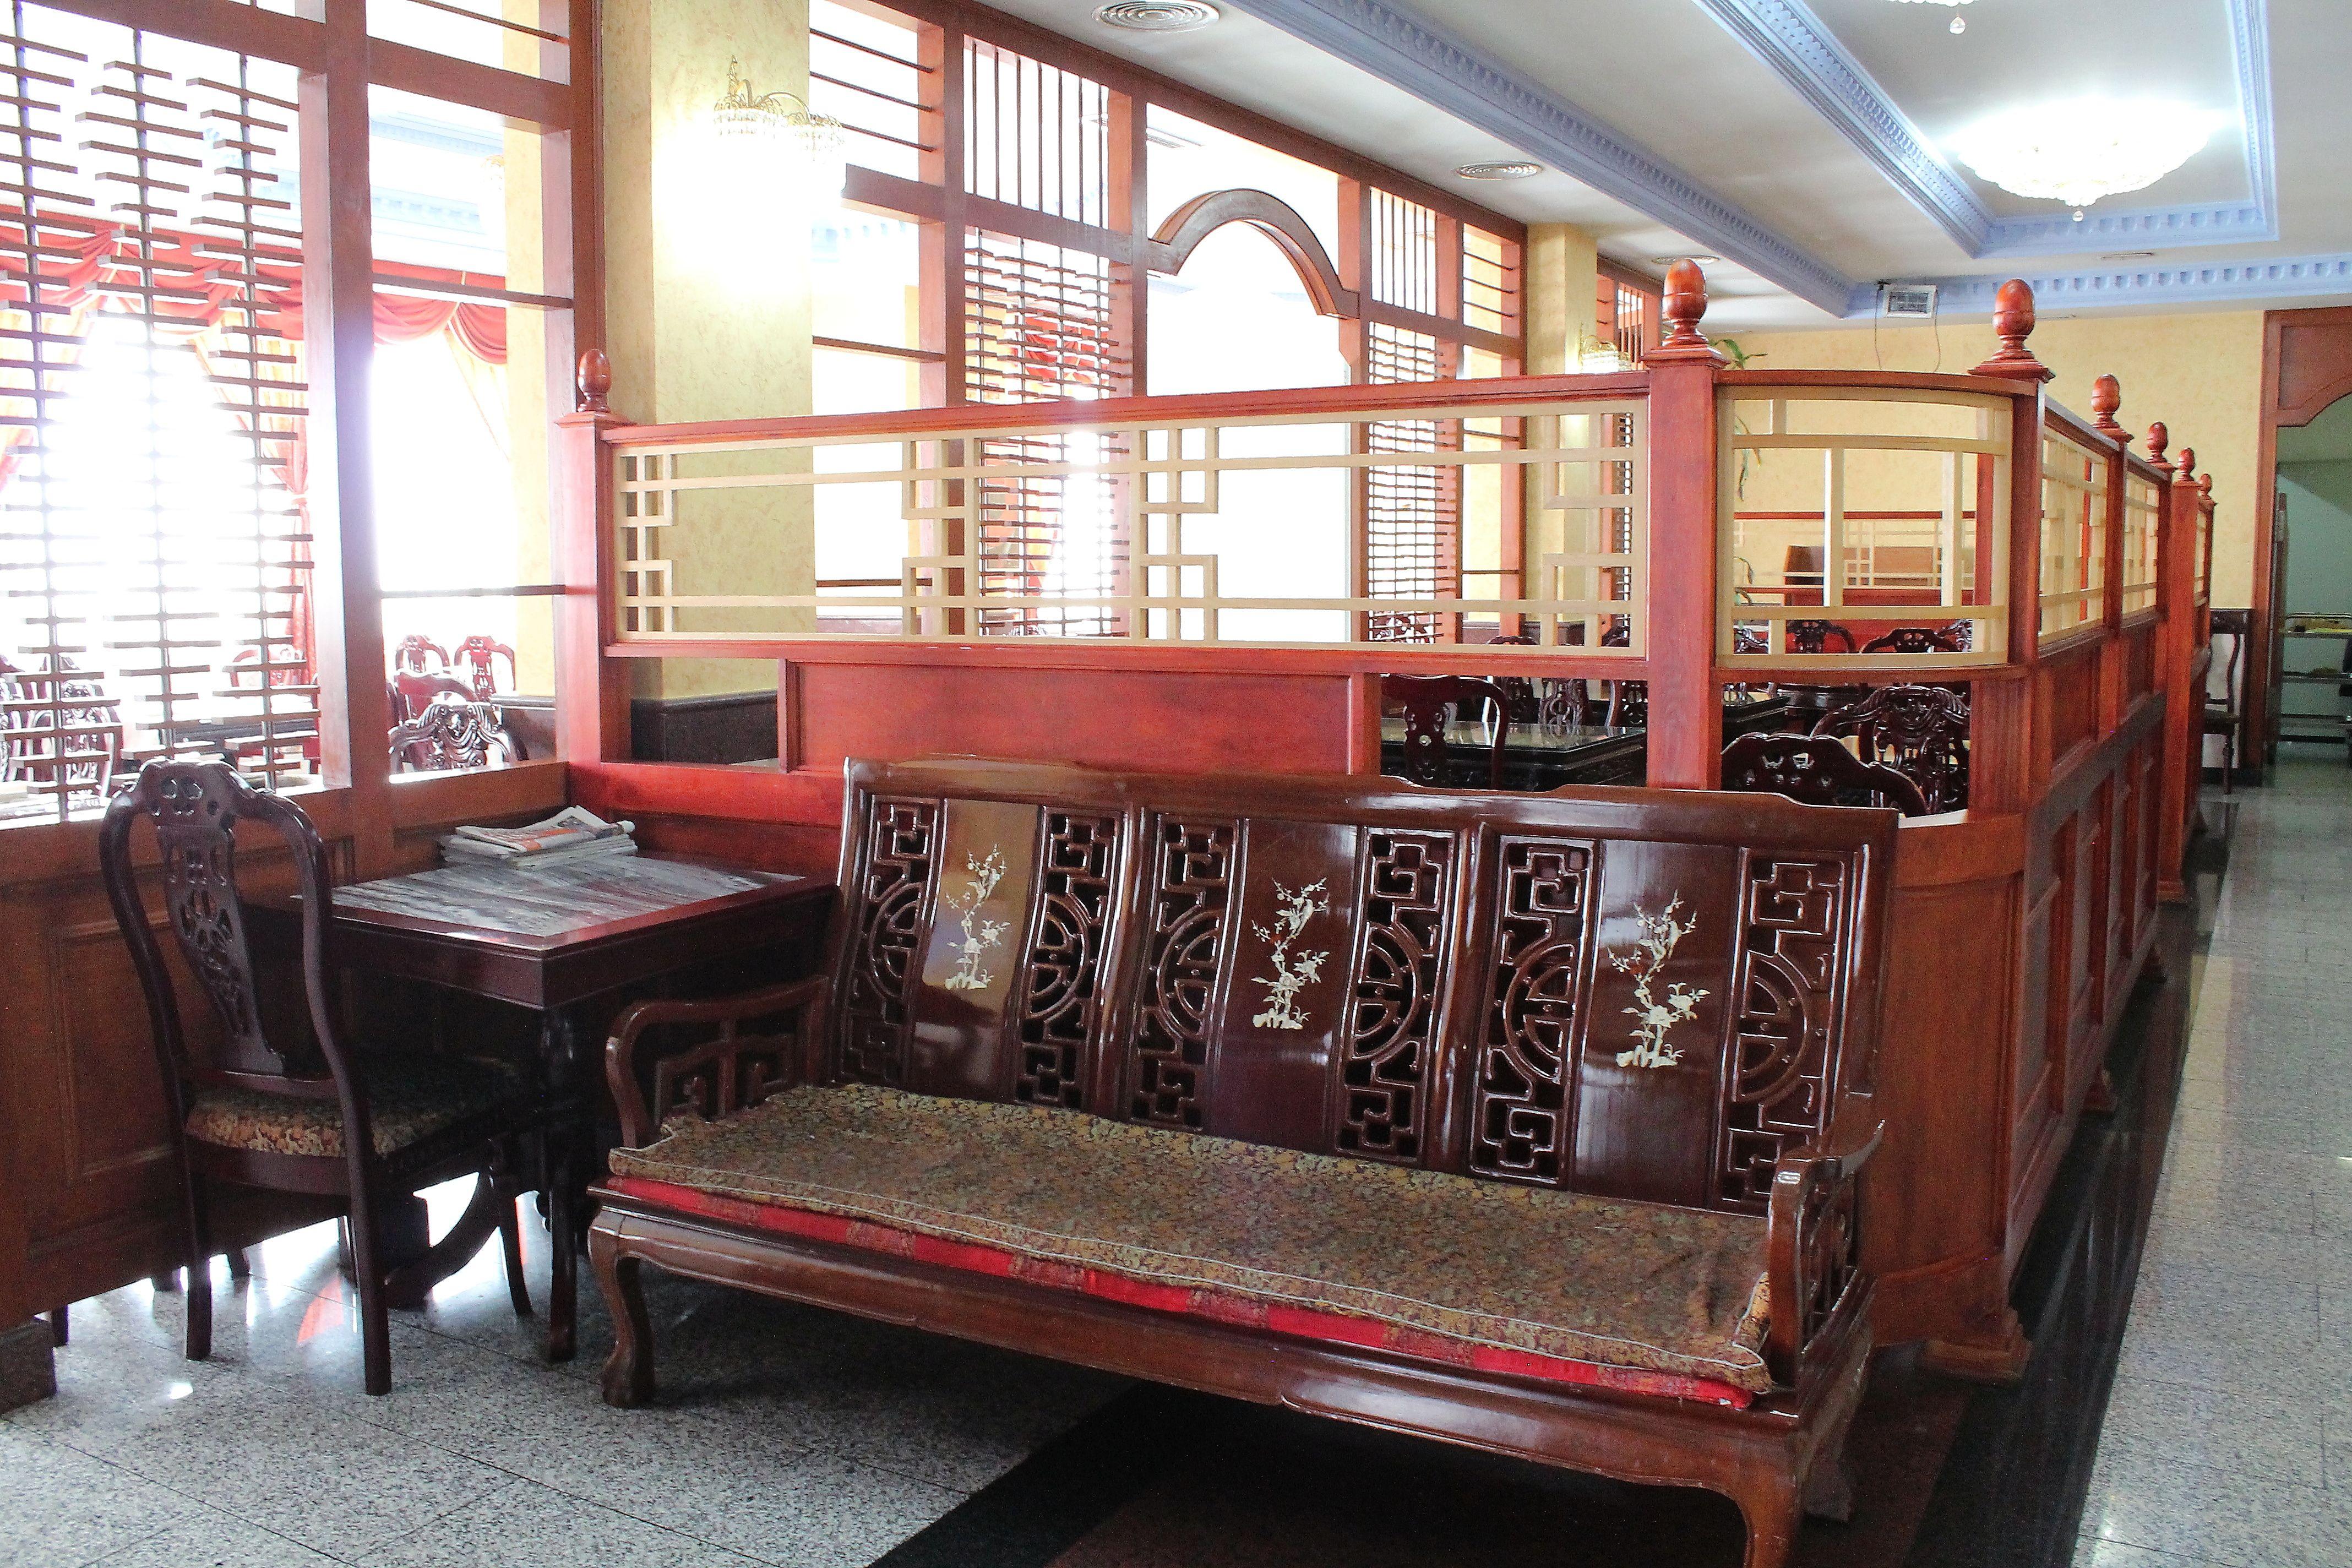 Restaurante de comida asiática en Rivas Vaciamadrid